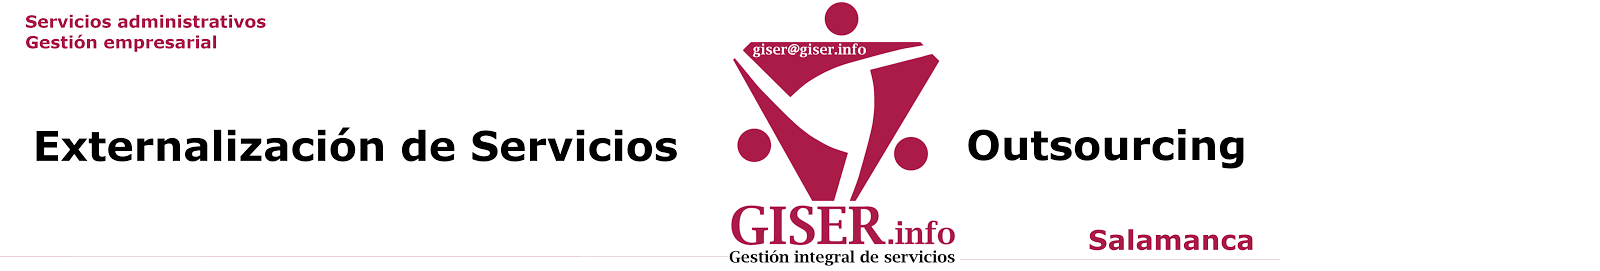 Giser.info Salamanca, externalización de procesos